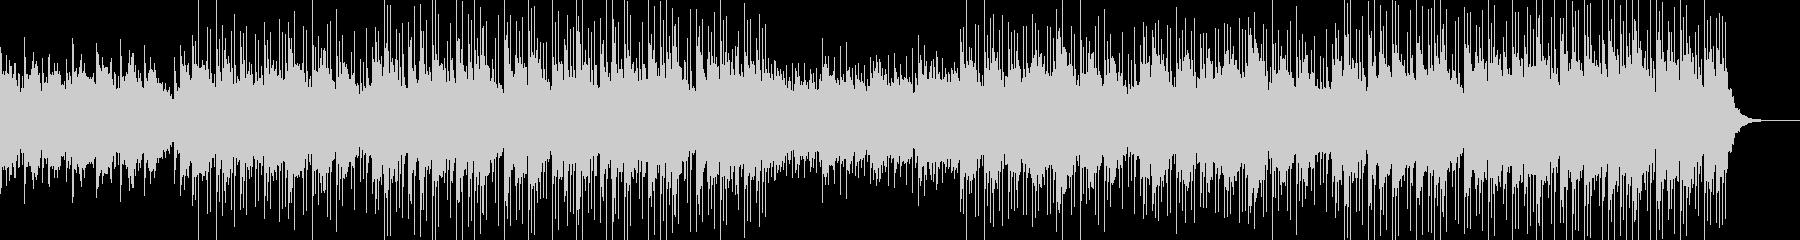 のんびりシンプルBGMの未再生の波形